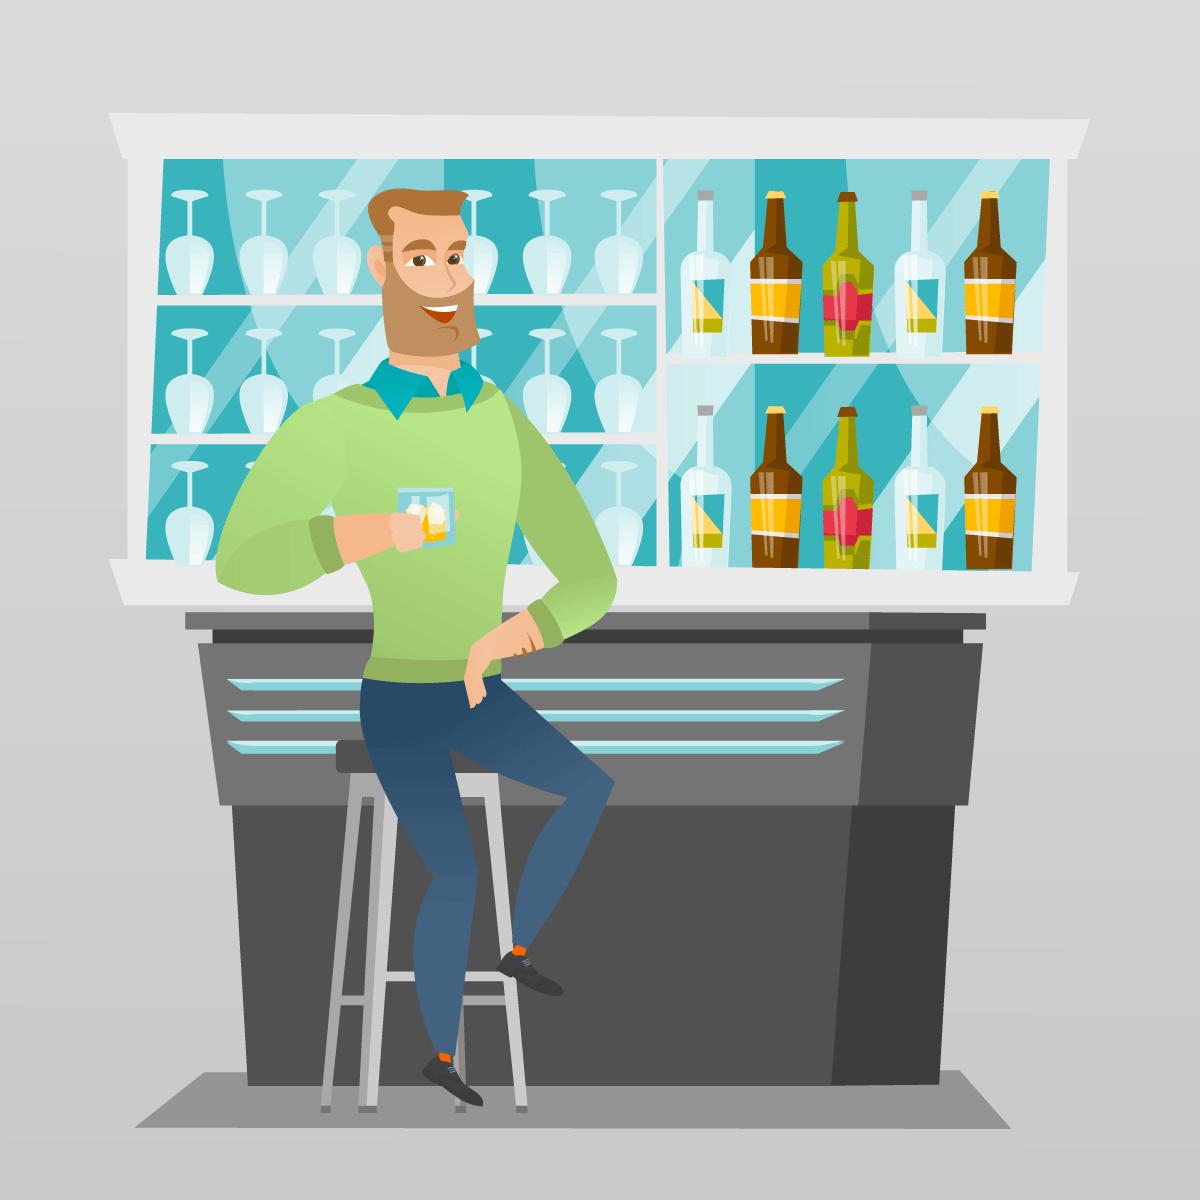 Анекдот про бармена, который вечно недоливал заказанные напитки